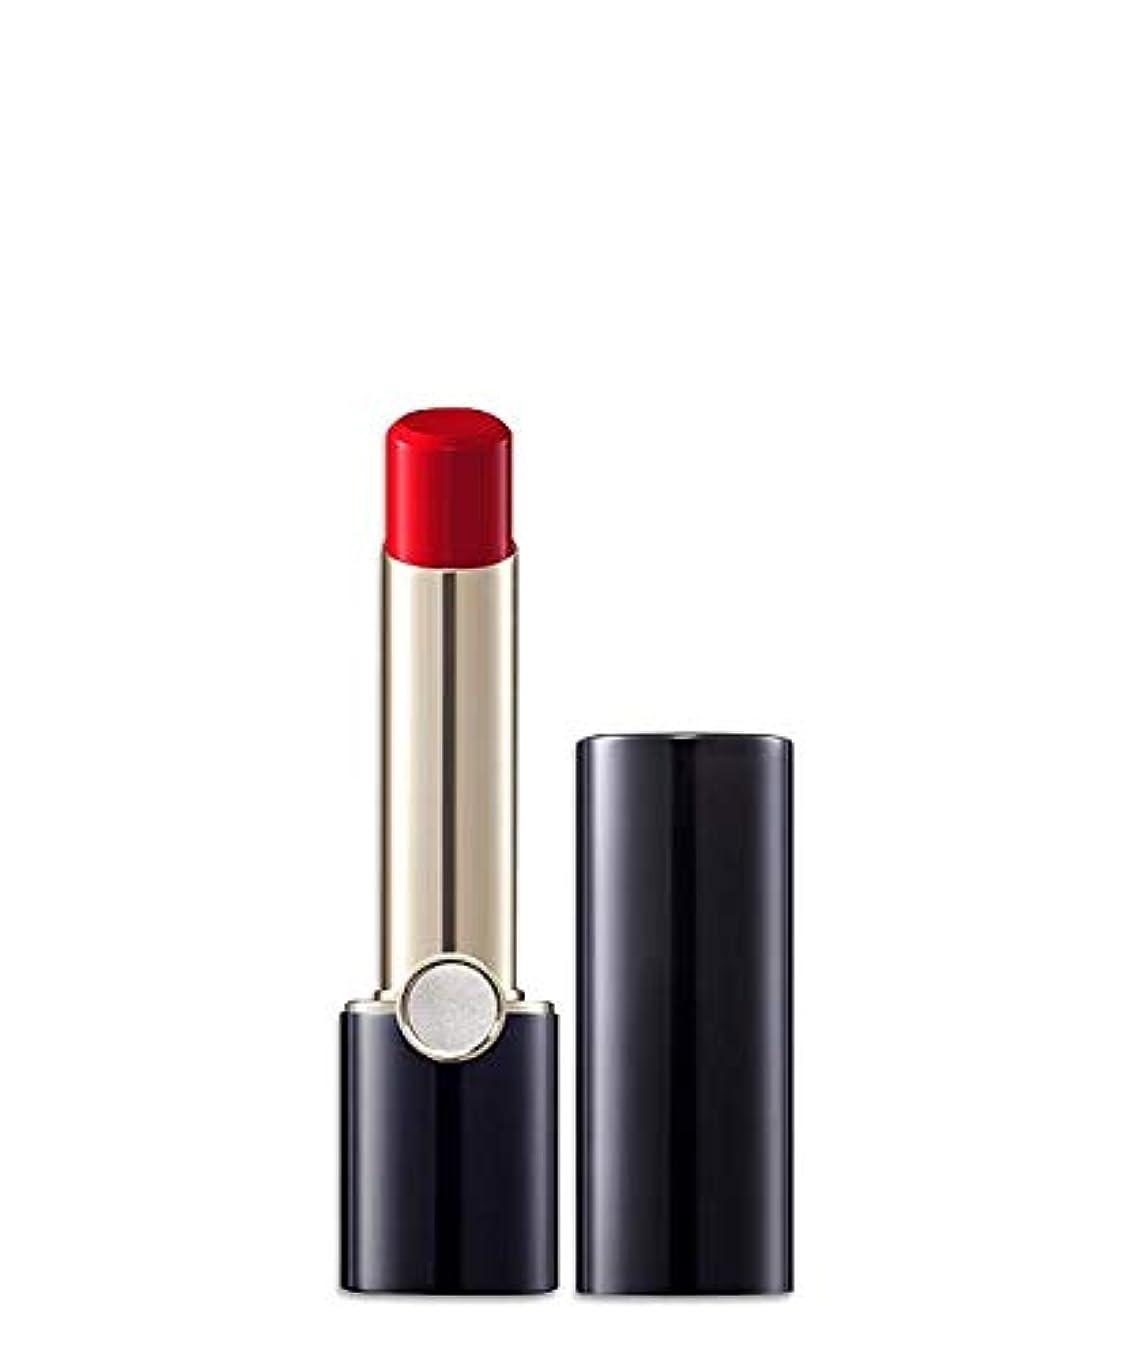 スムーズに悲惨な葉を拾う[アイオペ、iope]カラーフィットリップスティックグロー(3.2g)/ color fit lipstick glow(new.2019.02) (red pop)